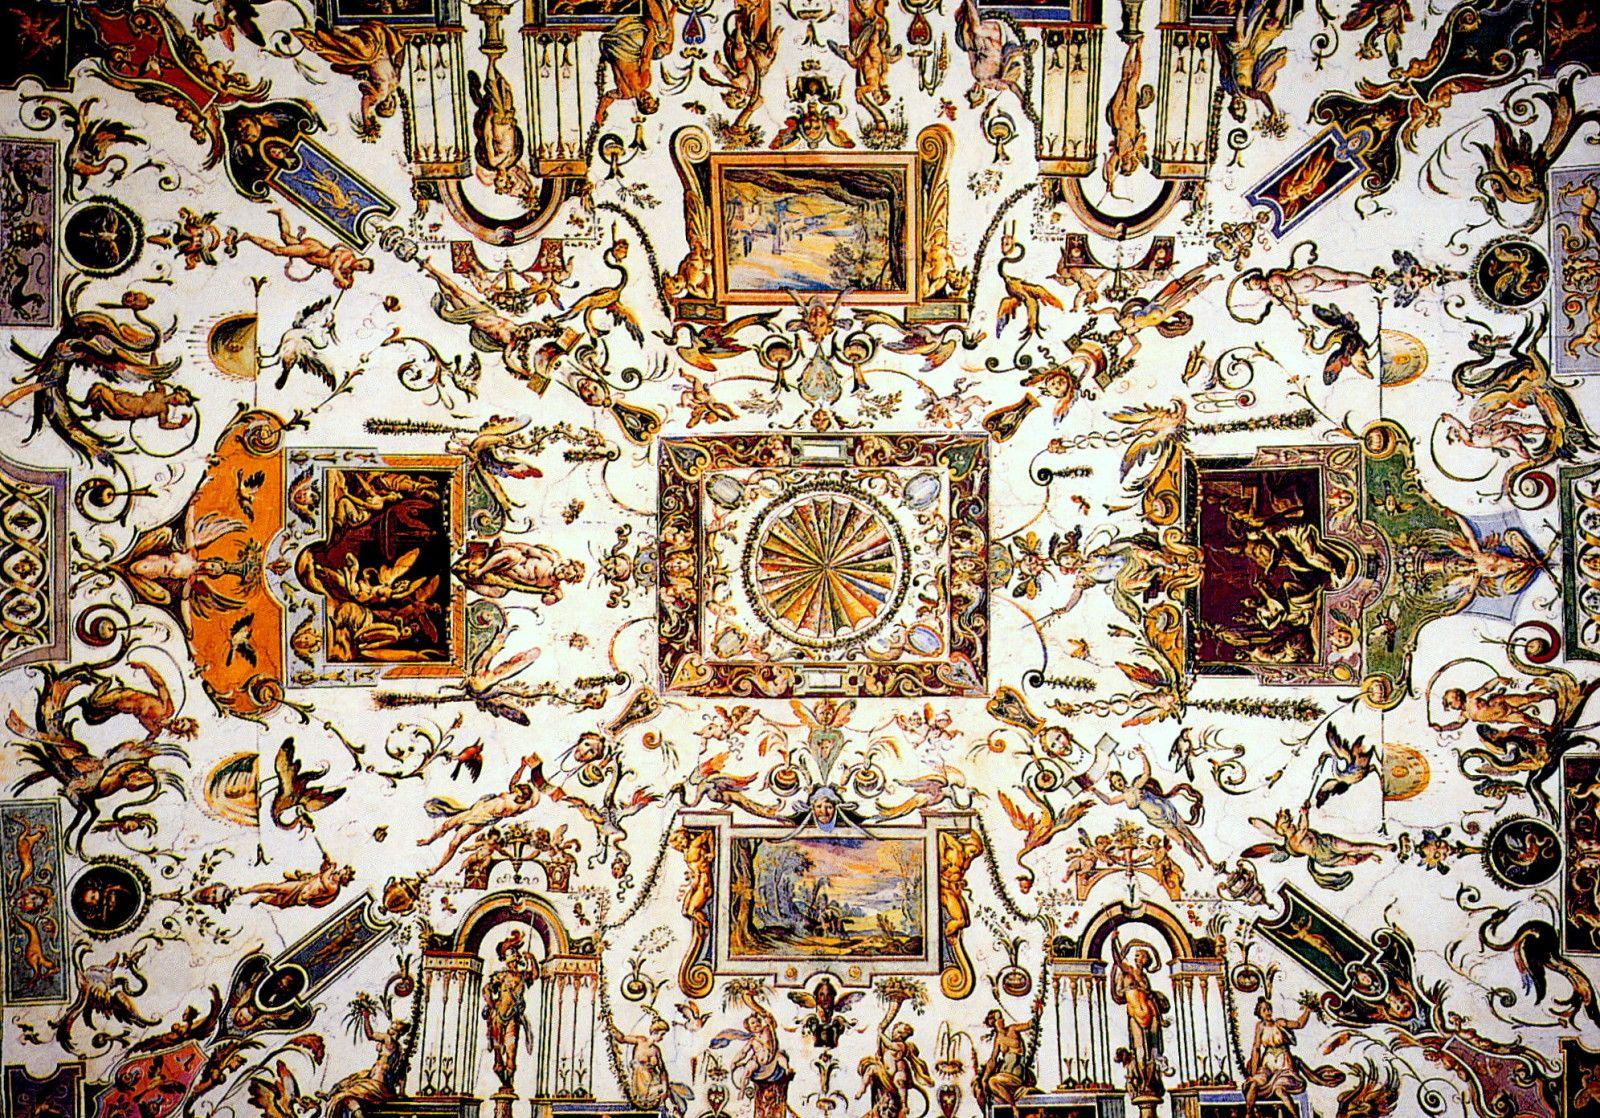 LArt Grotesque  Renaissance italienne  Raphael